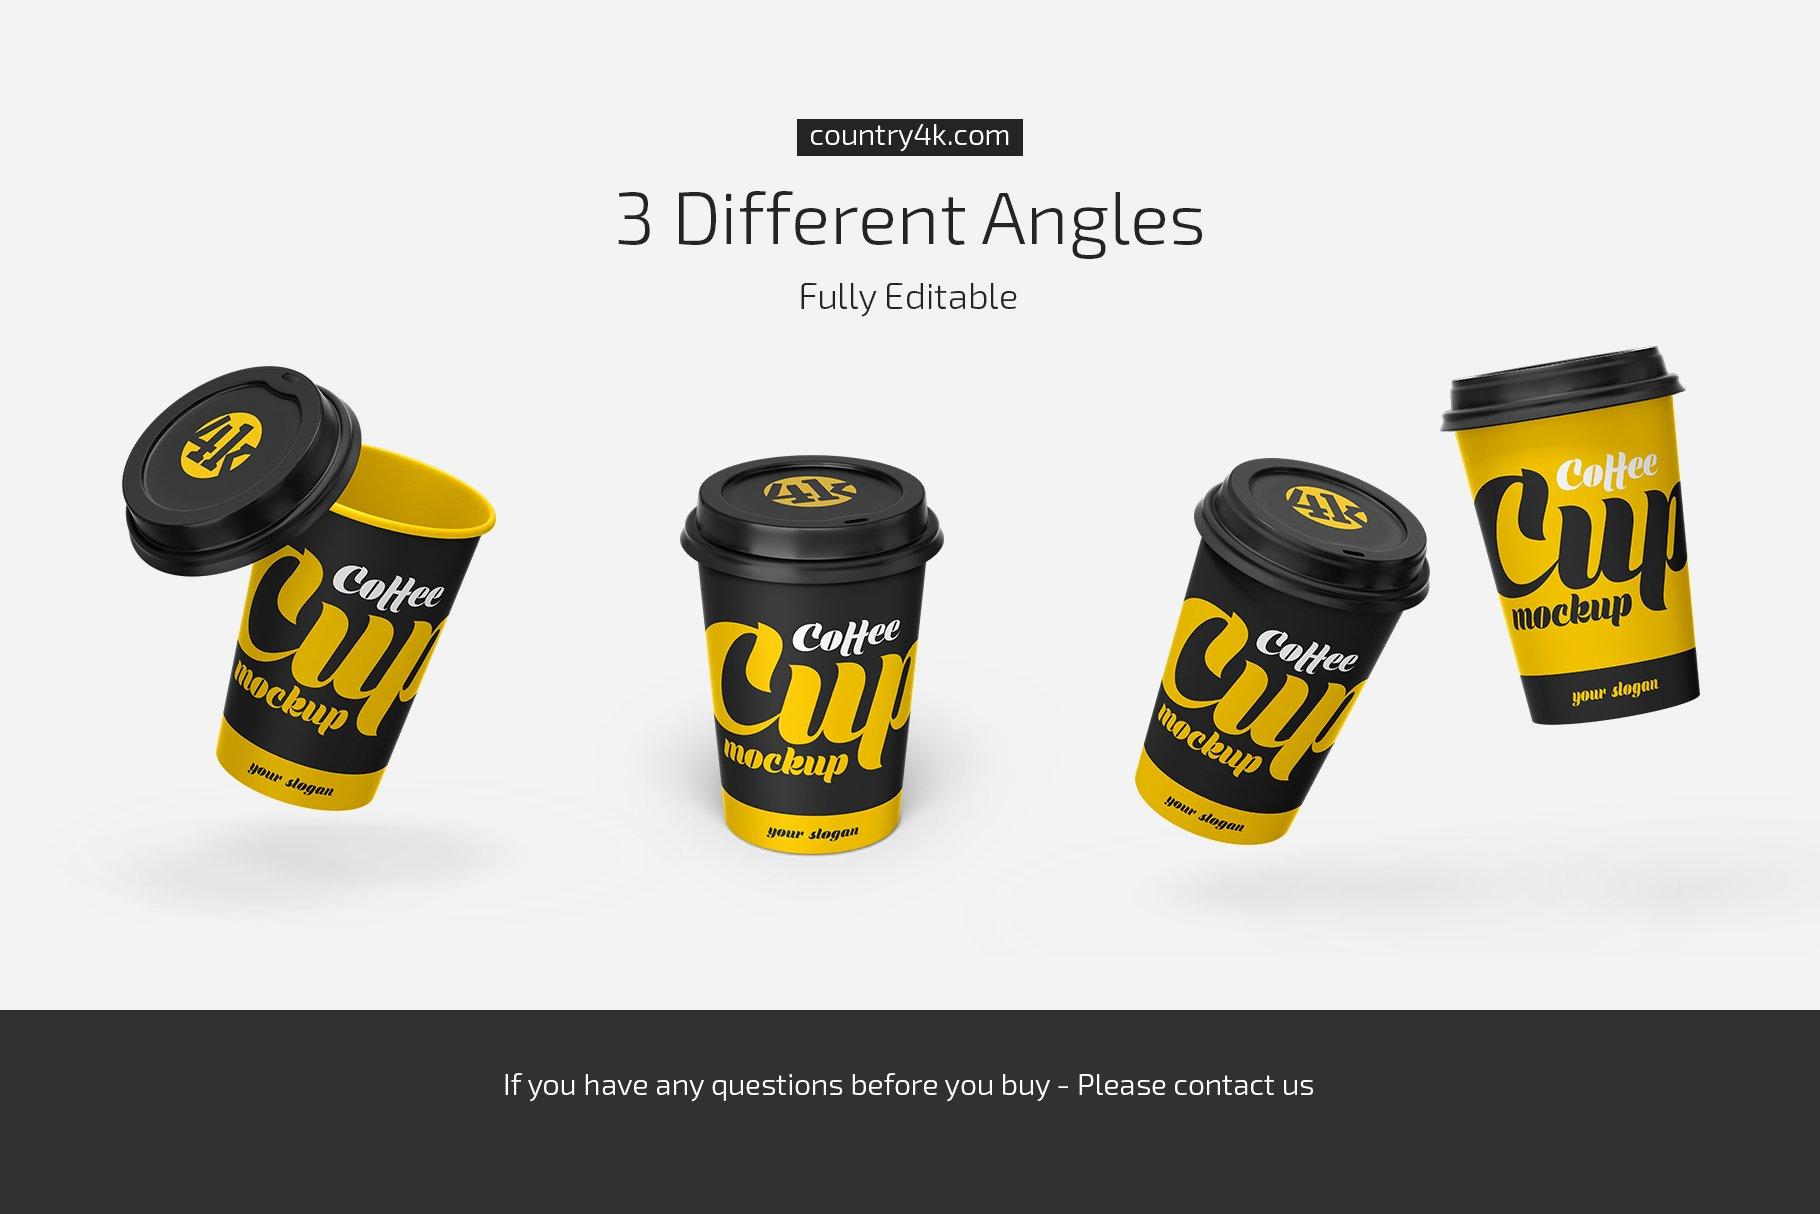 一次性外卖咖啡纸杯设计展示样机模板 Paper Coffee Cup Mockup Set插图(3)